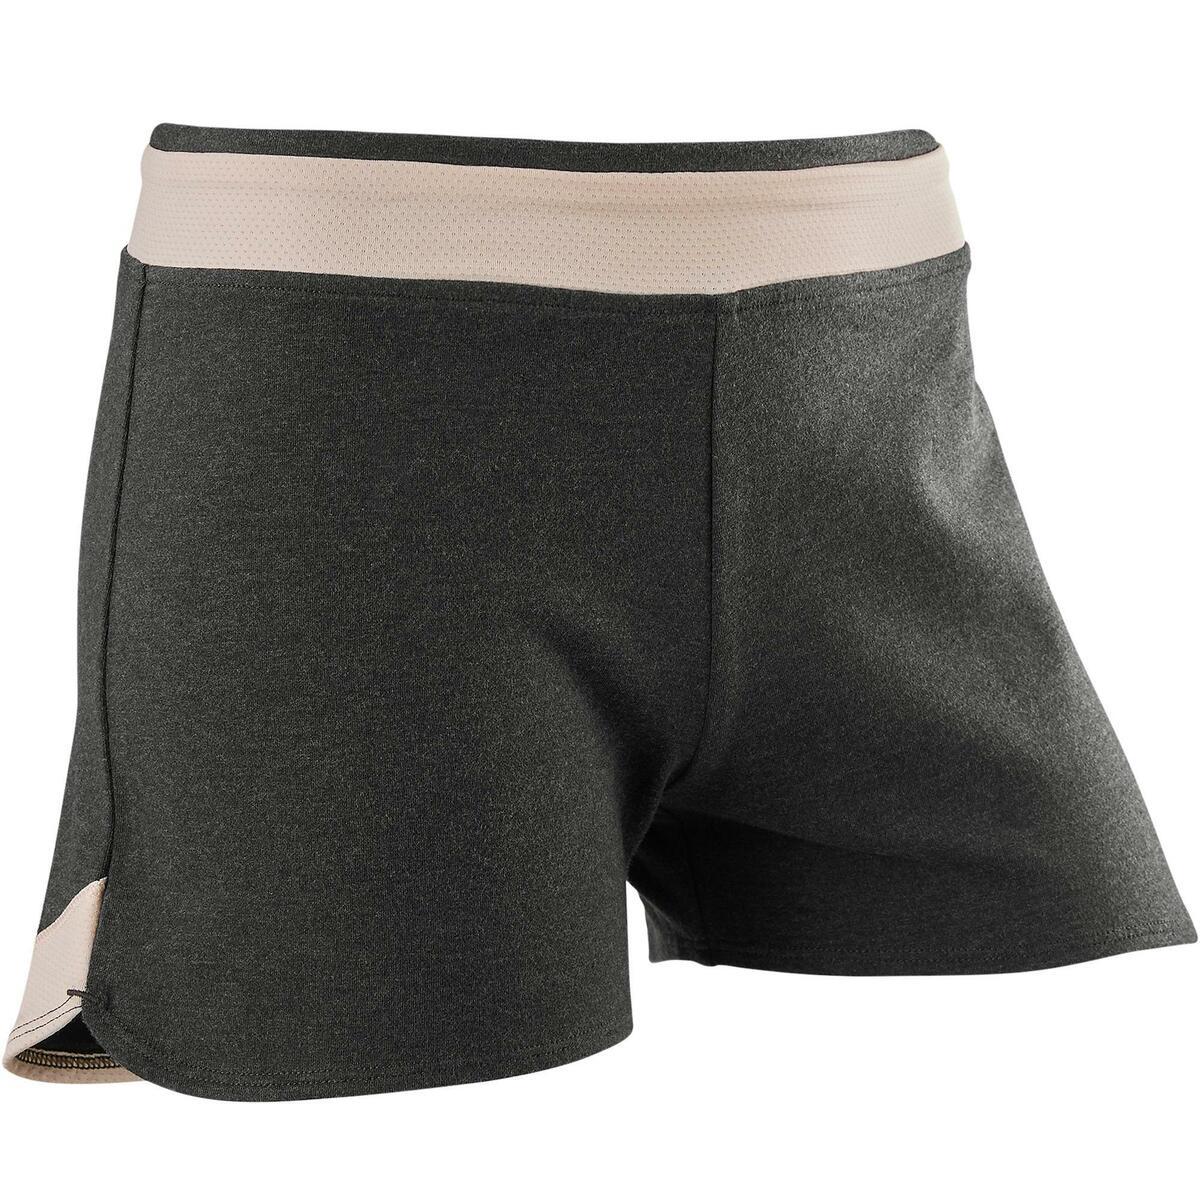 Bild 1 von Sporthose kurz Baumwolle atmungsaktiv 500 Gym Kinder grau bedruckt